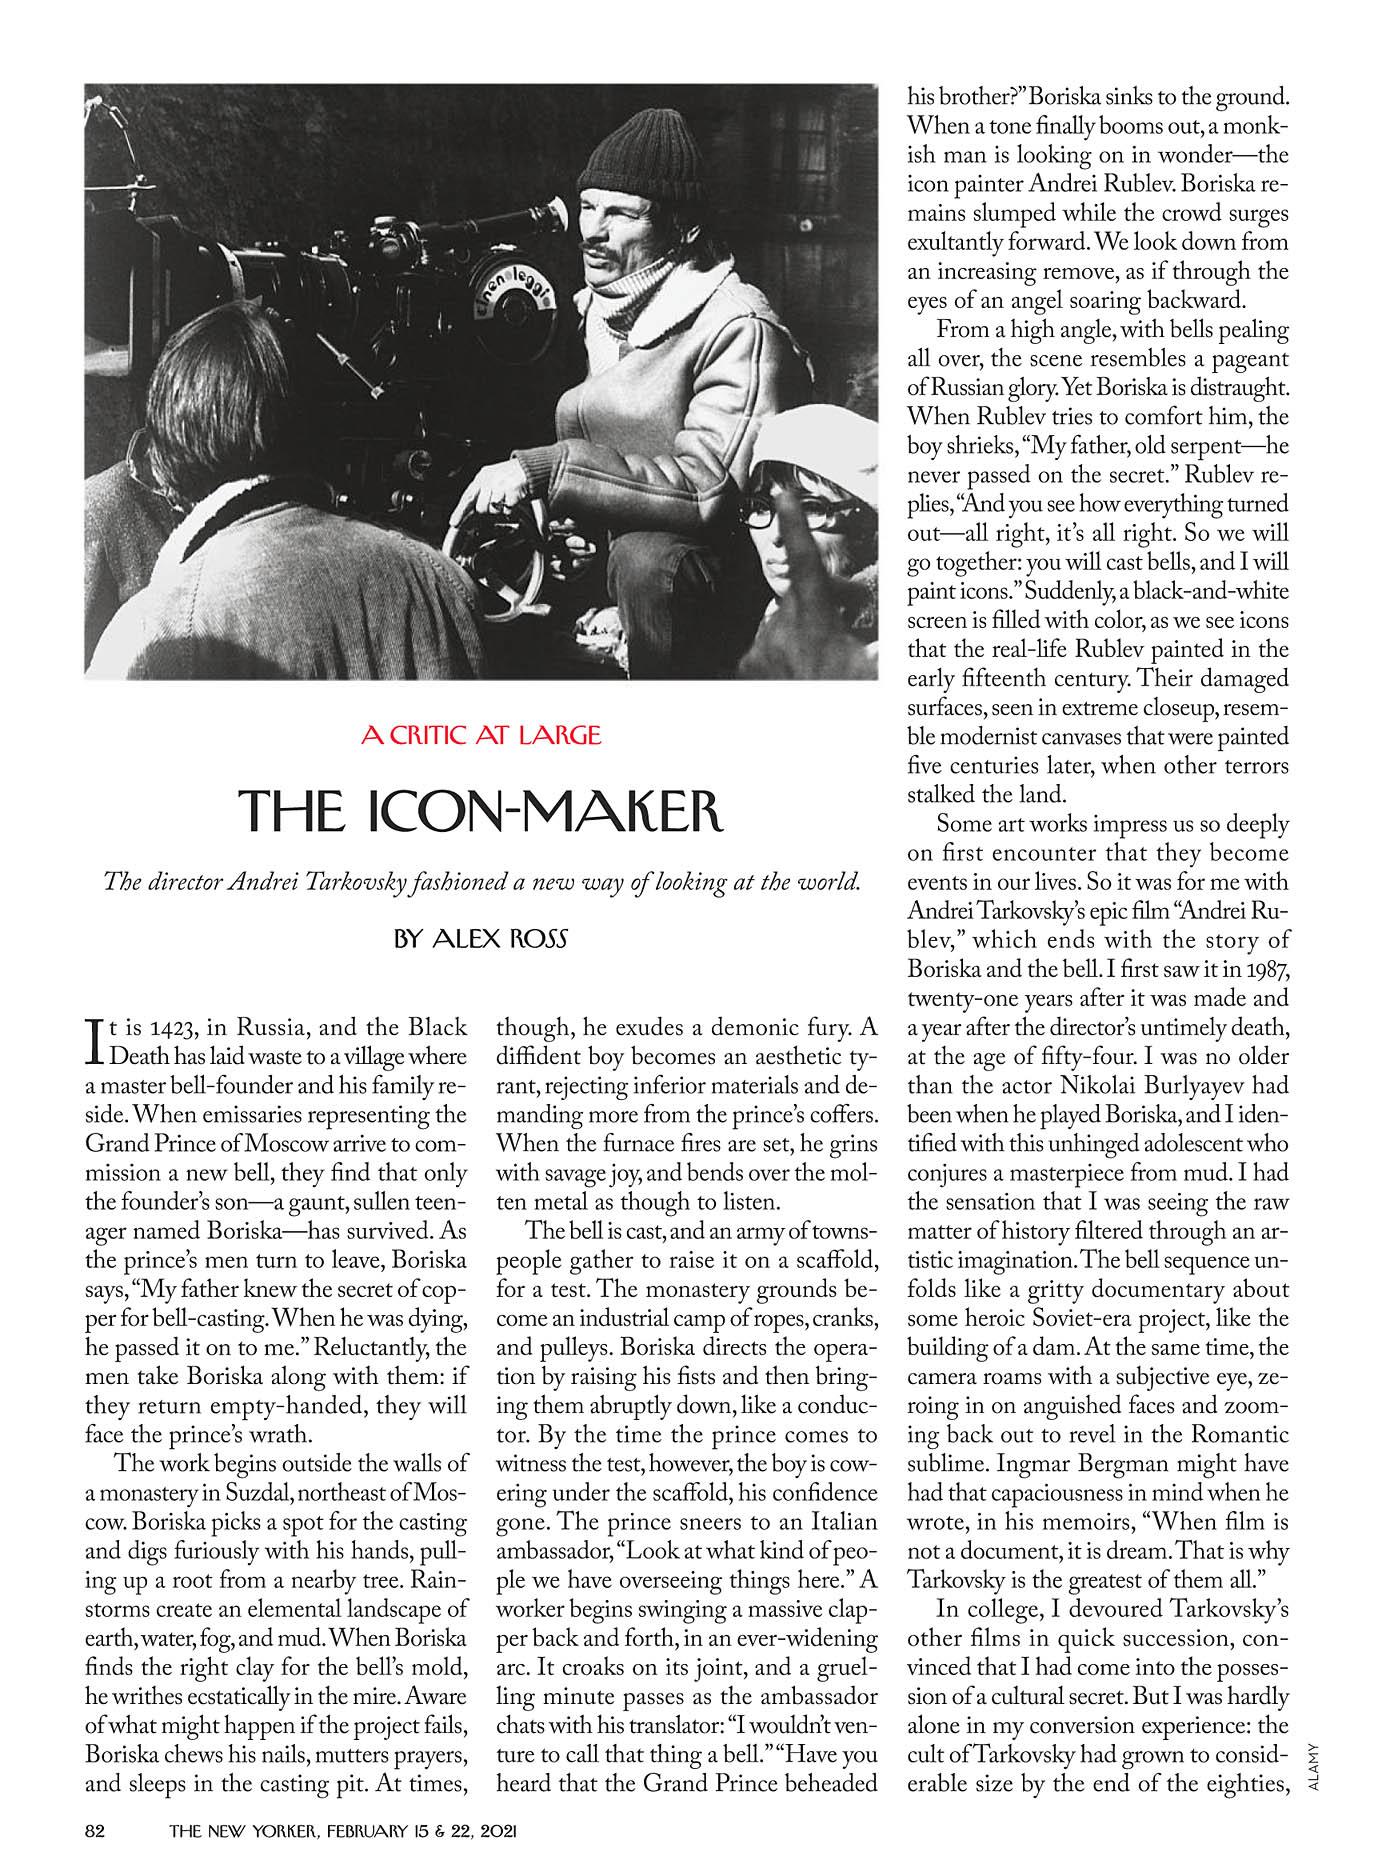 New Yorker 210215 Tarkovsky 01.jpg